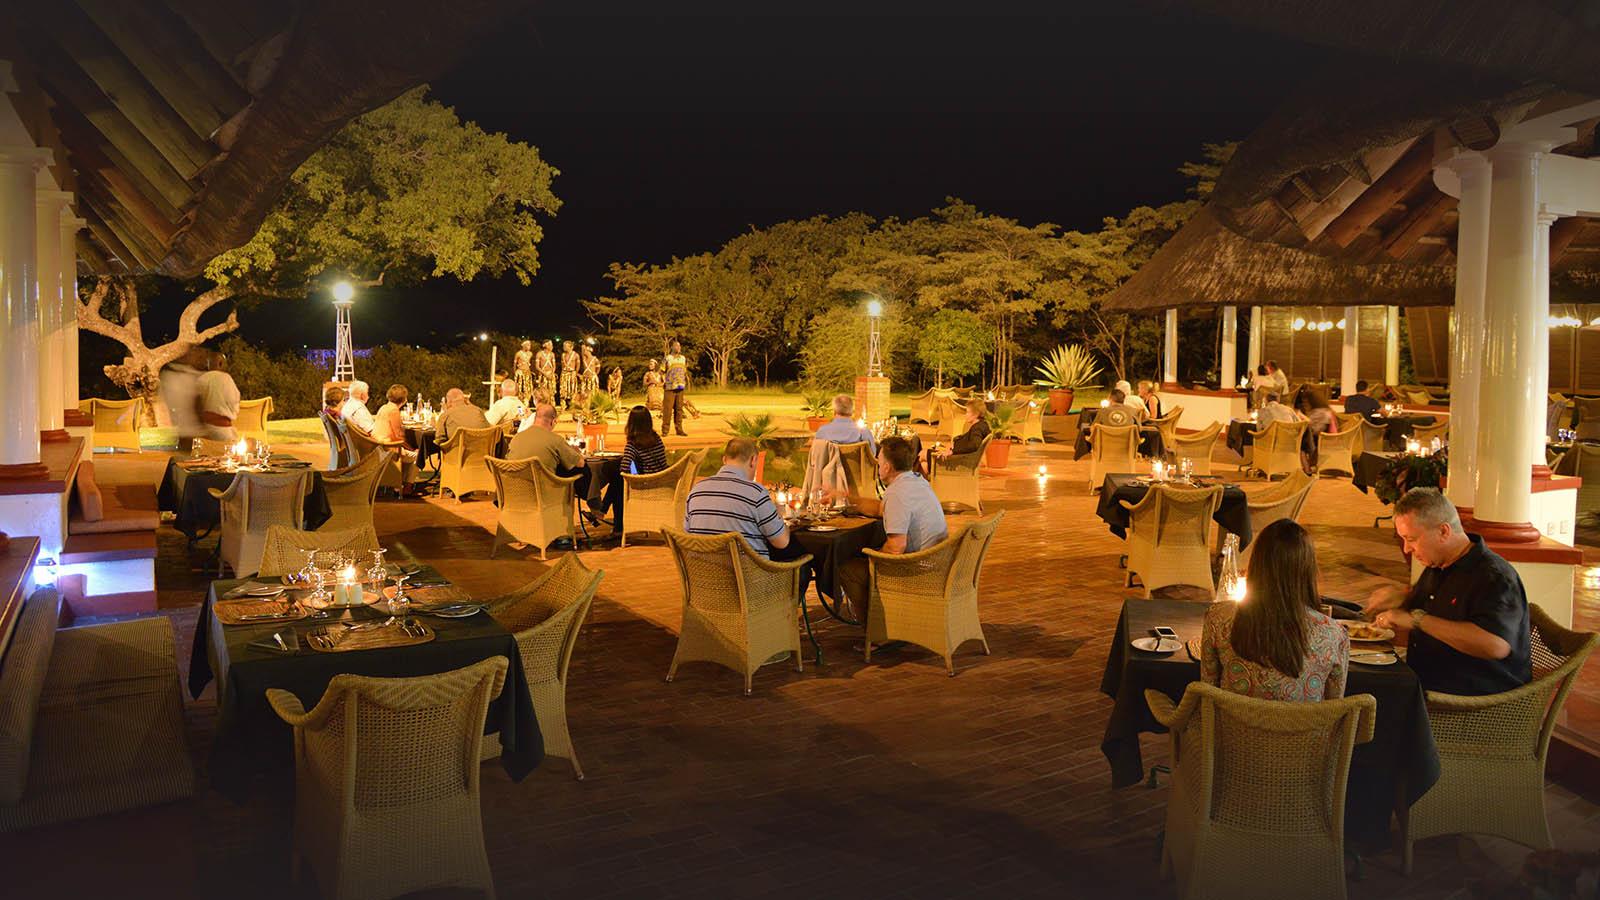 victoria falls hotel zimbabwe-accommodation-elegant-luxury-hotel-dinner